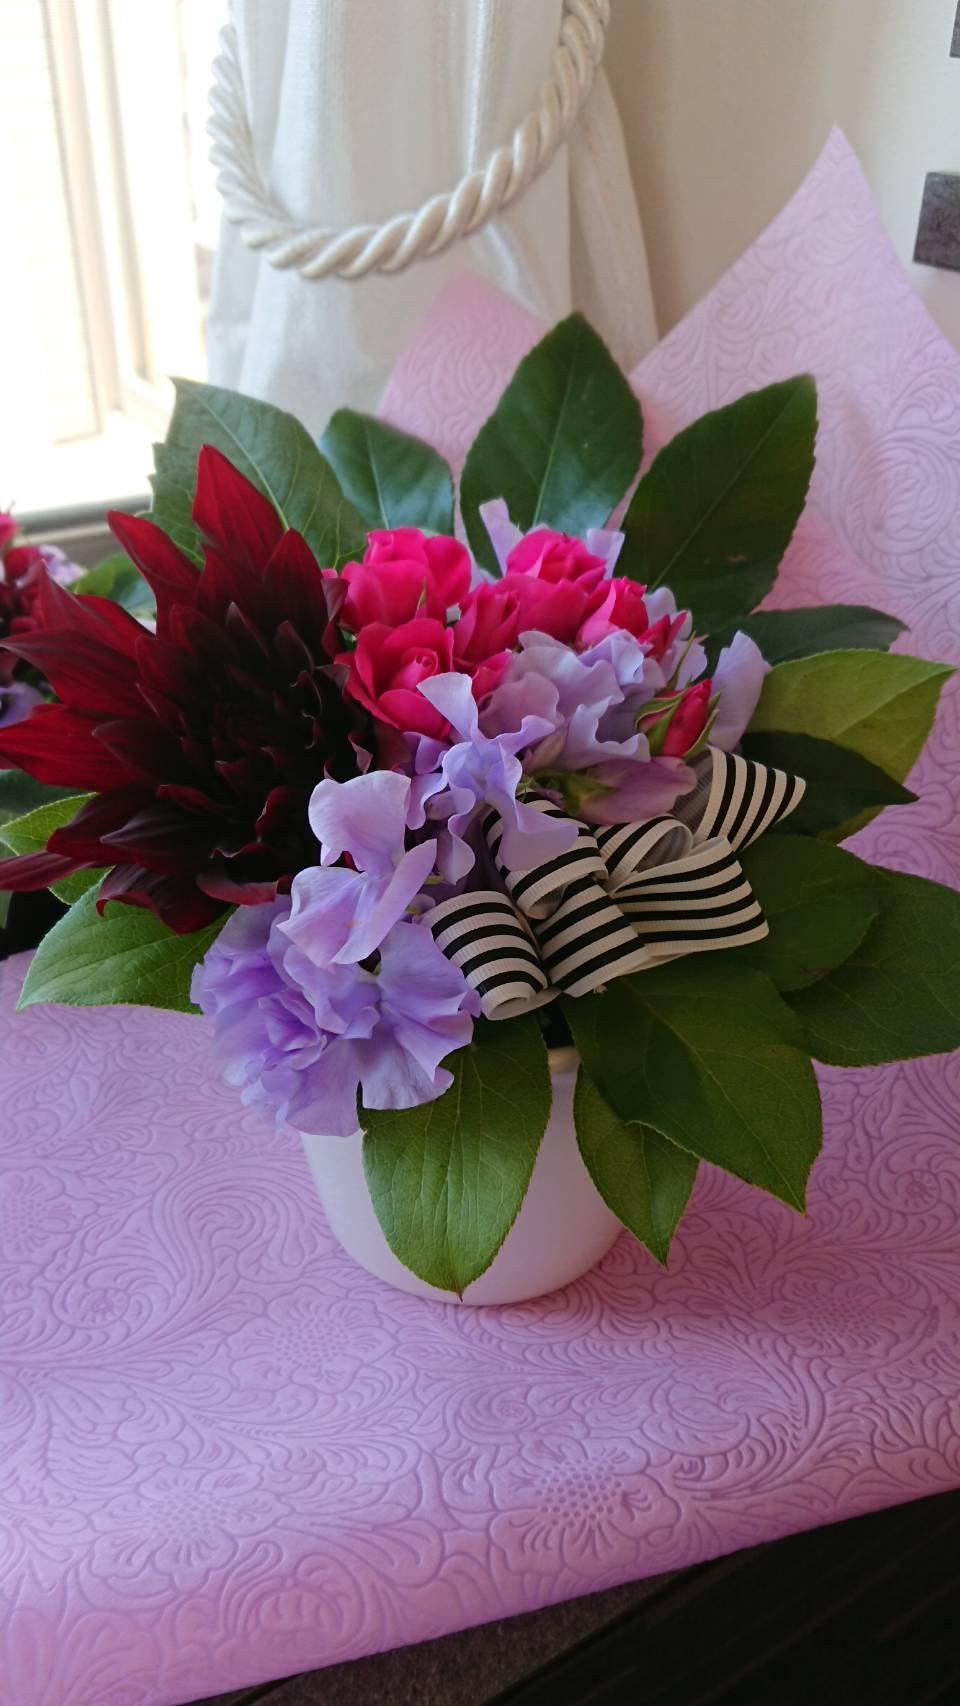 春のお花でアレンジメント_d0144095_17435885.jpg